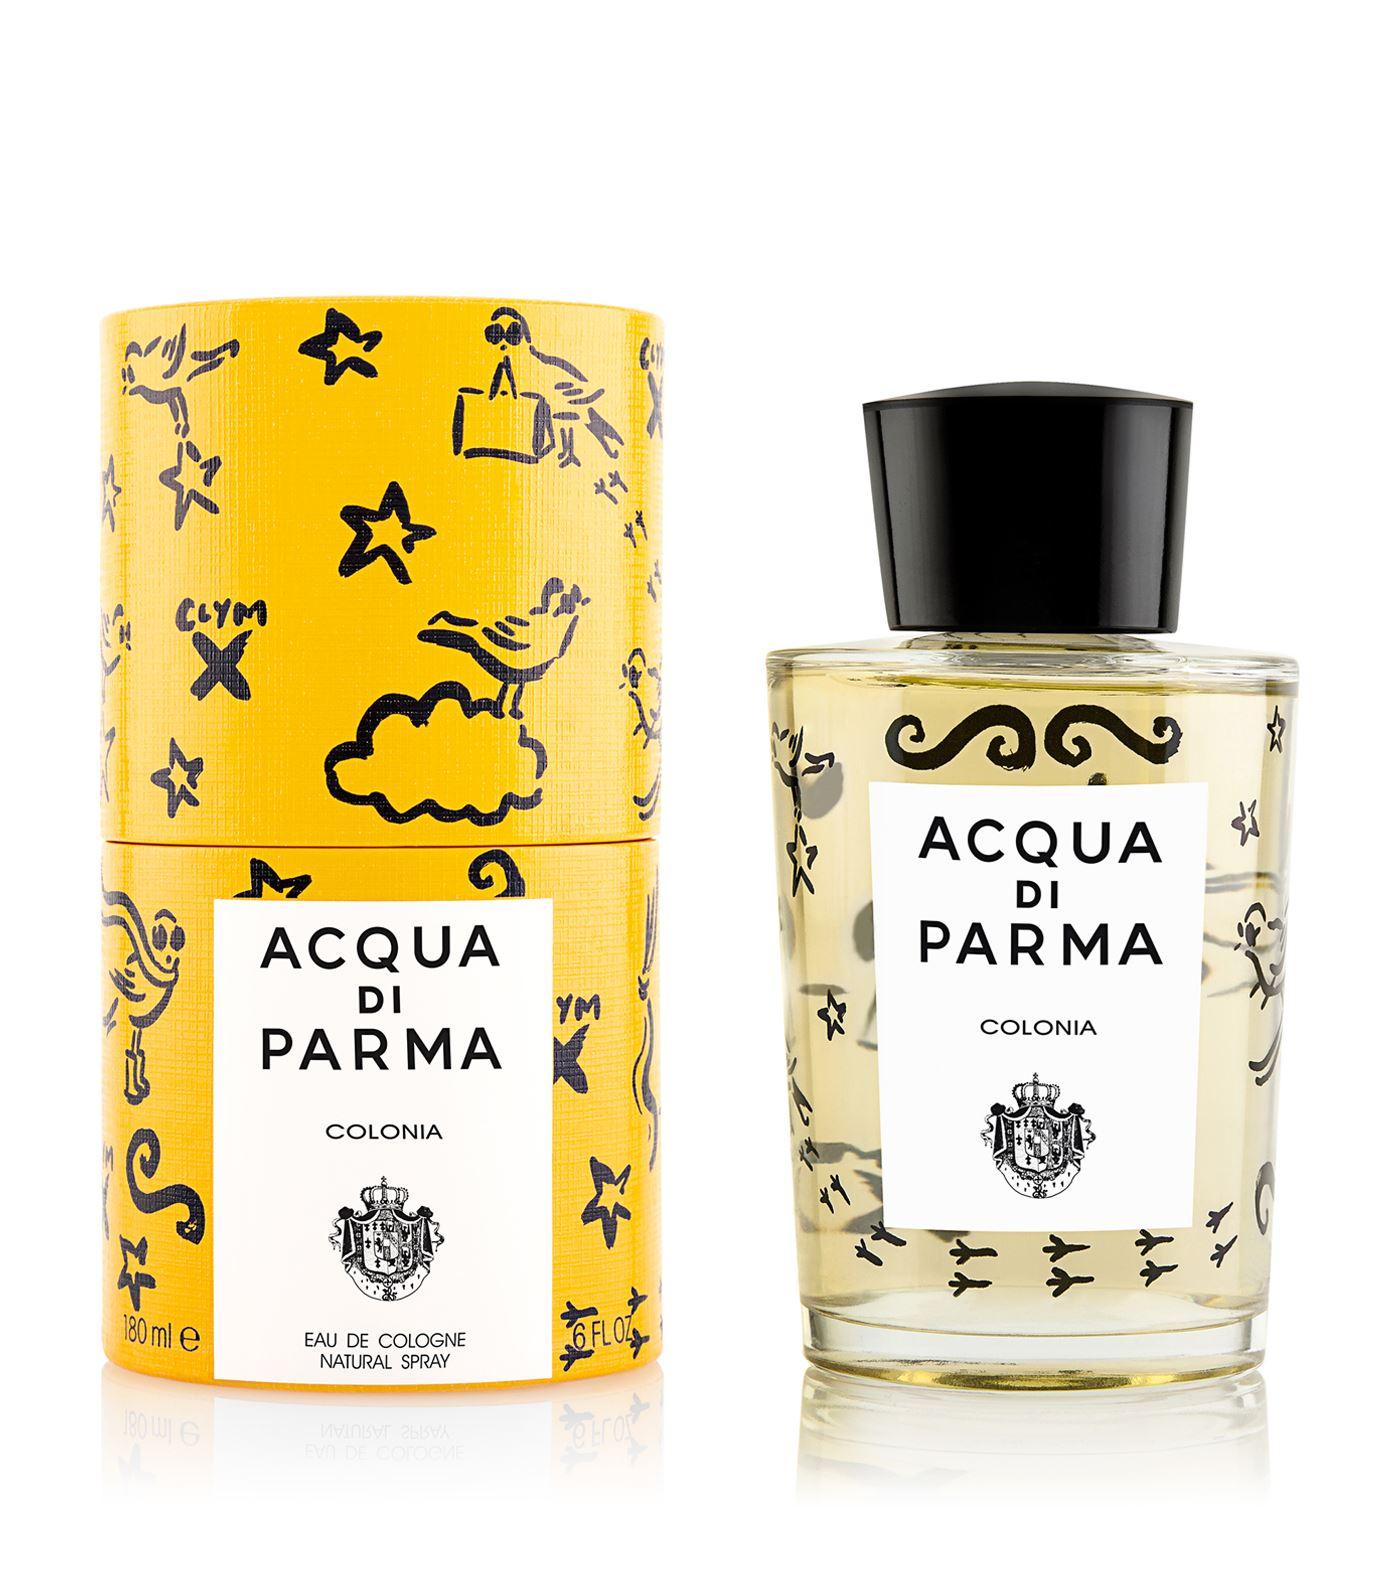 Acqua di Parma Colonia Eau de Cologne 180ml Spray - Artist Edition Bottle £73.80 @ Perfume click